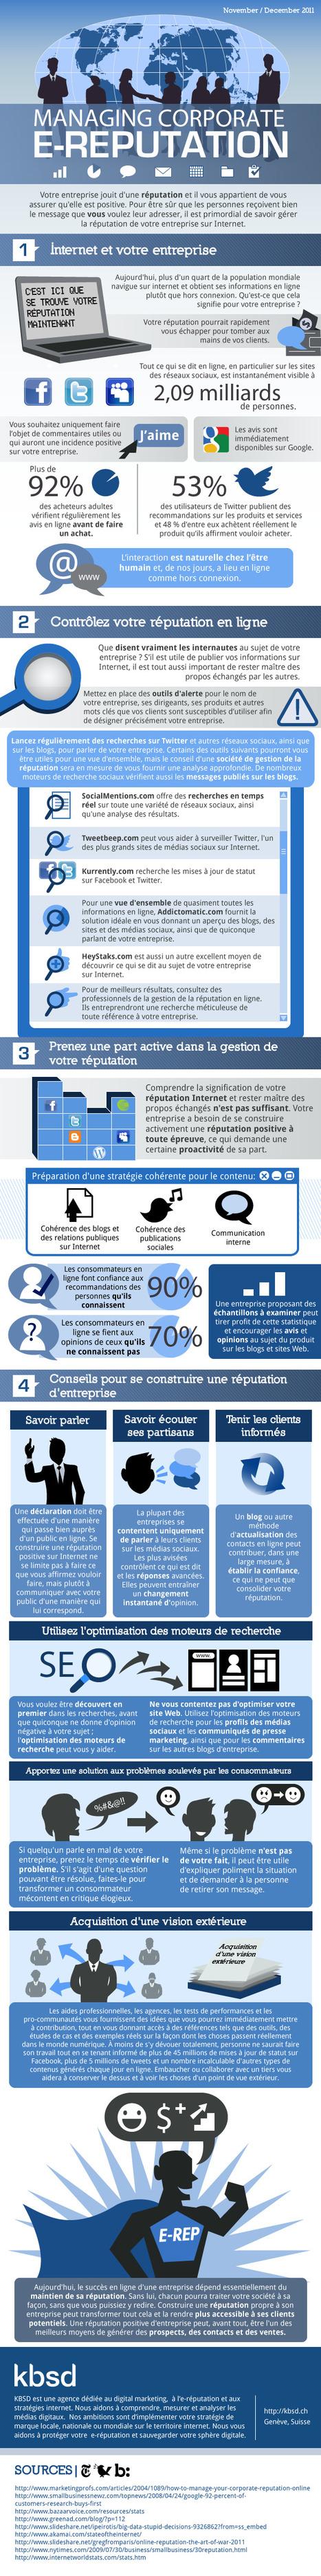 Bien gérer la e-réputation de son entreprise | Centre des Jeunes Dirigeants Belgique | Scoop.it